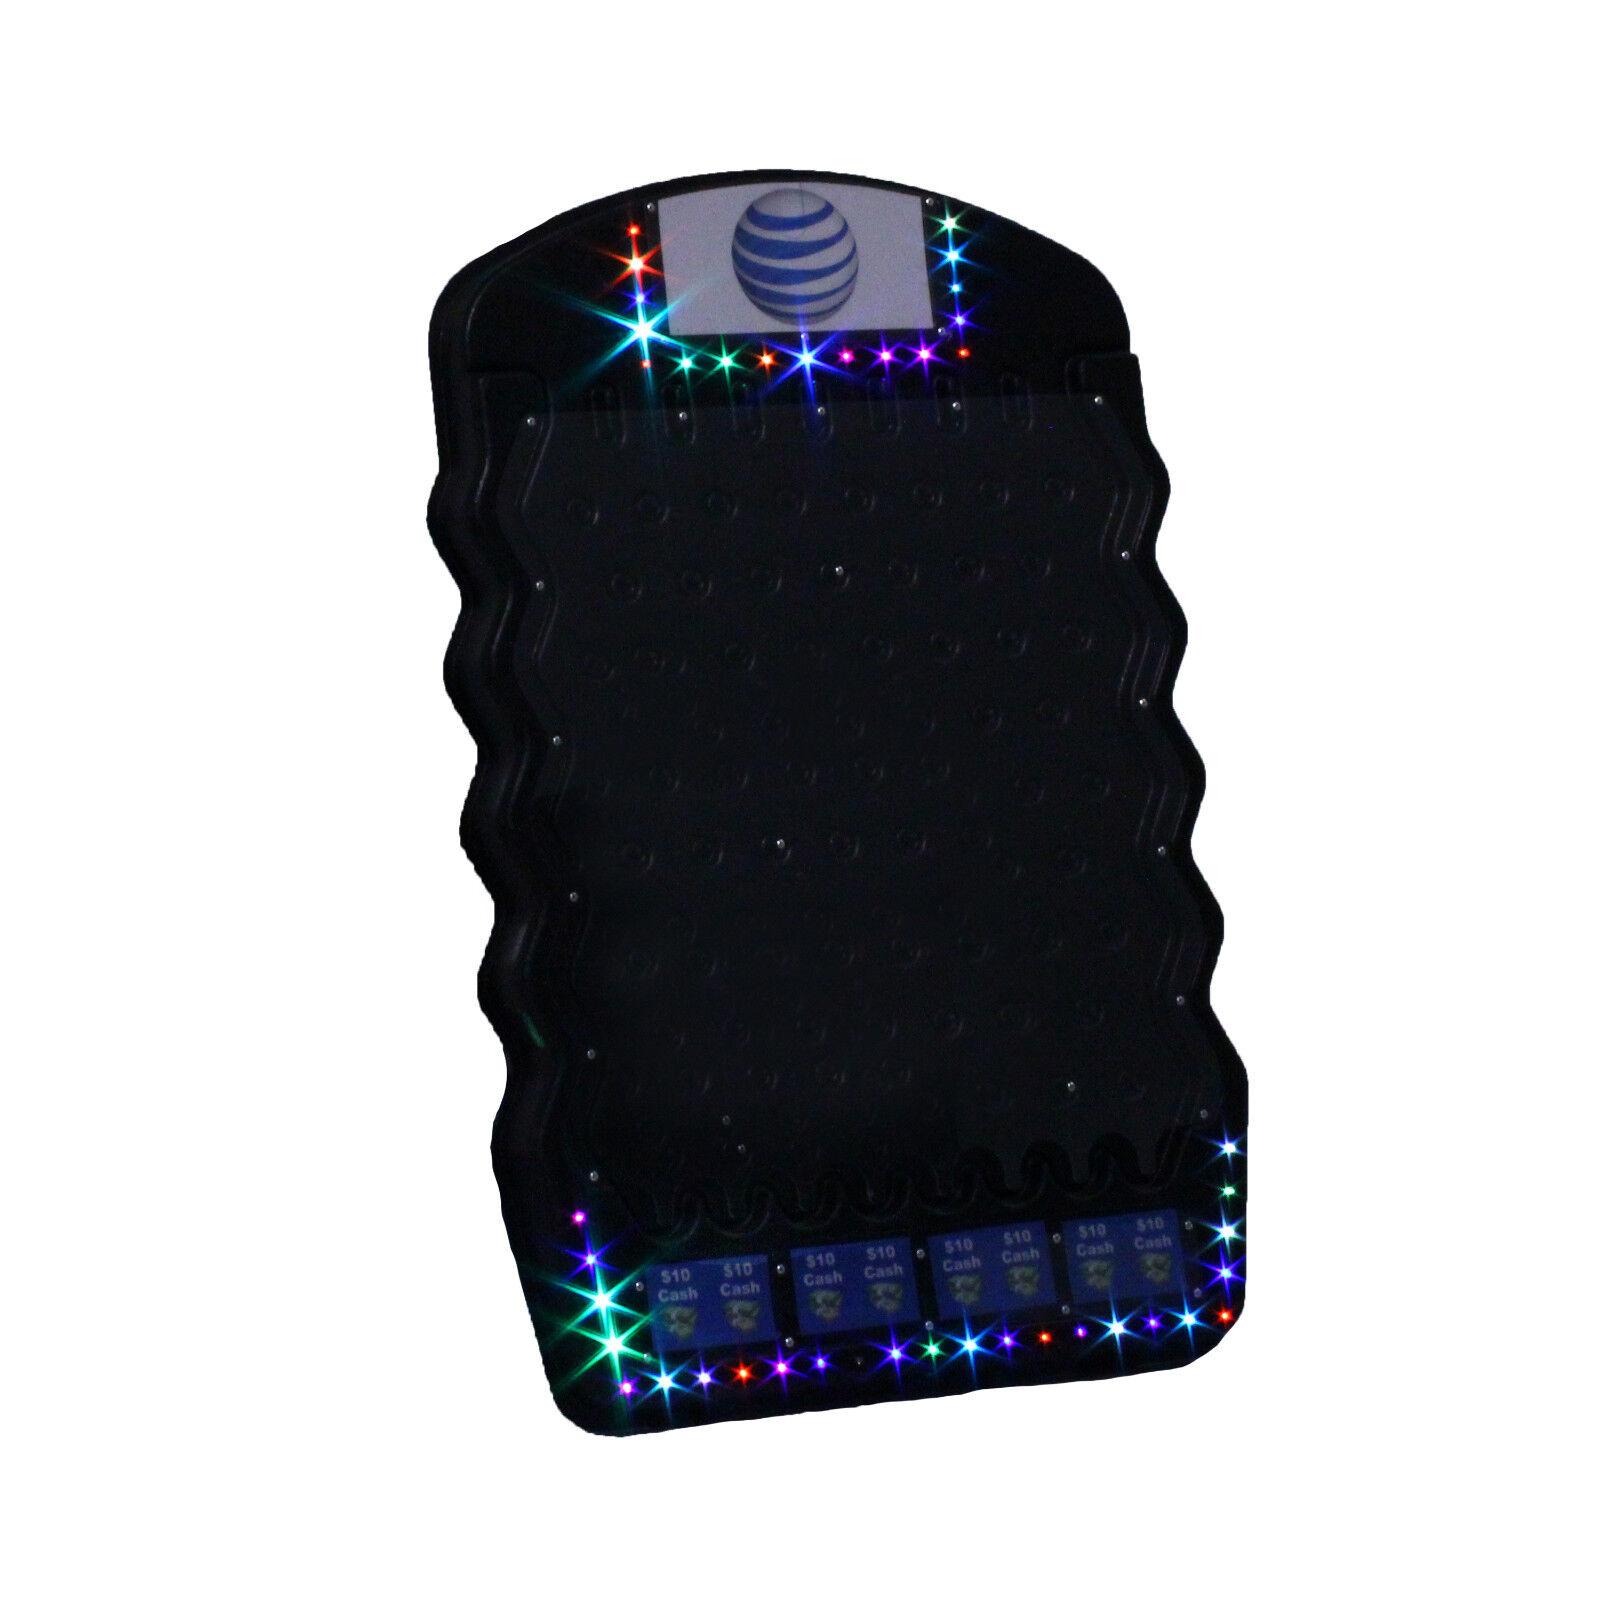 protección post-venta Mini Negro Plinko Juego Con Con Con Luces Led-Precio De Introducción  tiempo Limitado   gran selección y entrega rápida